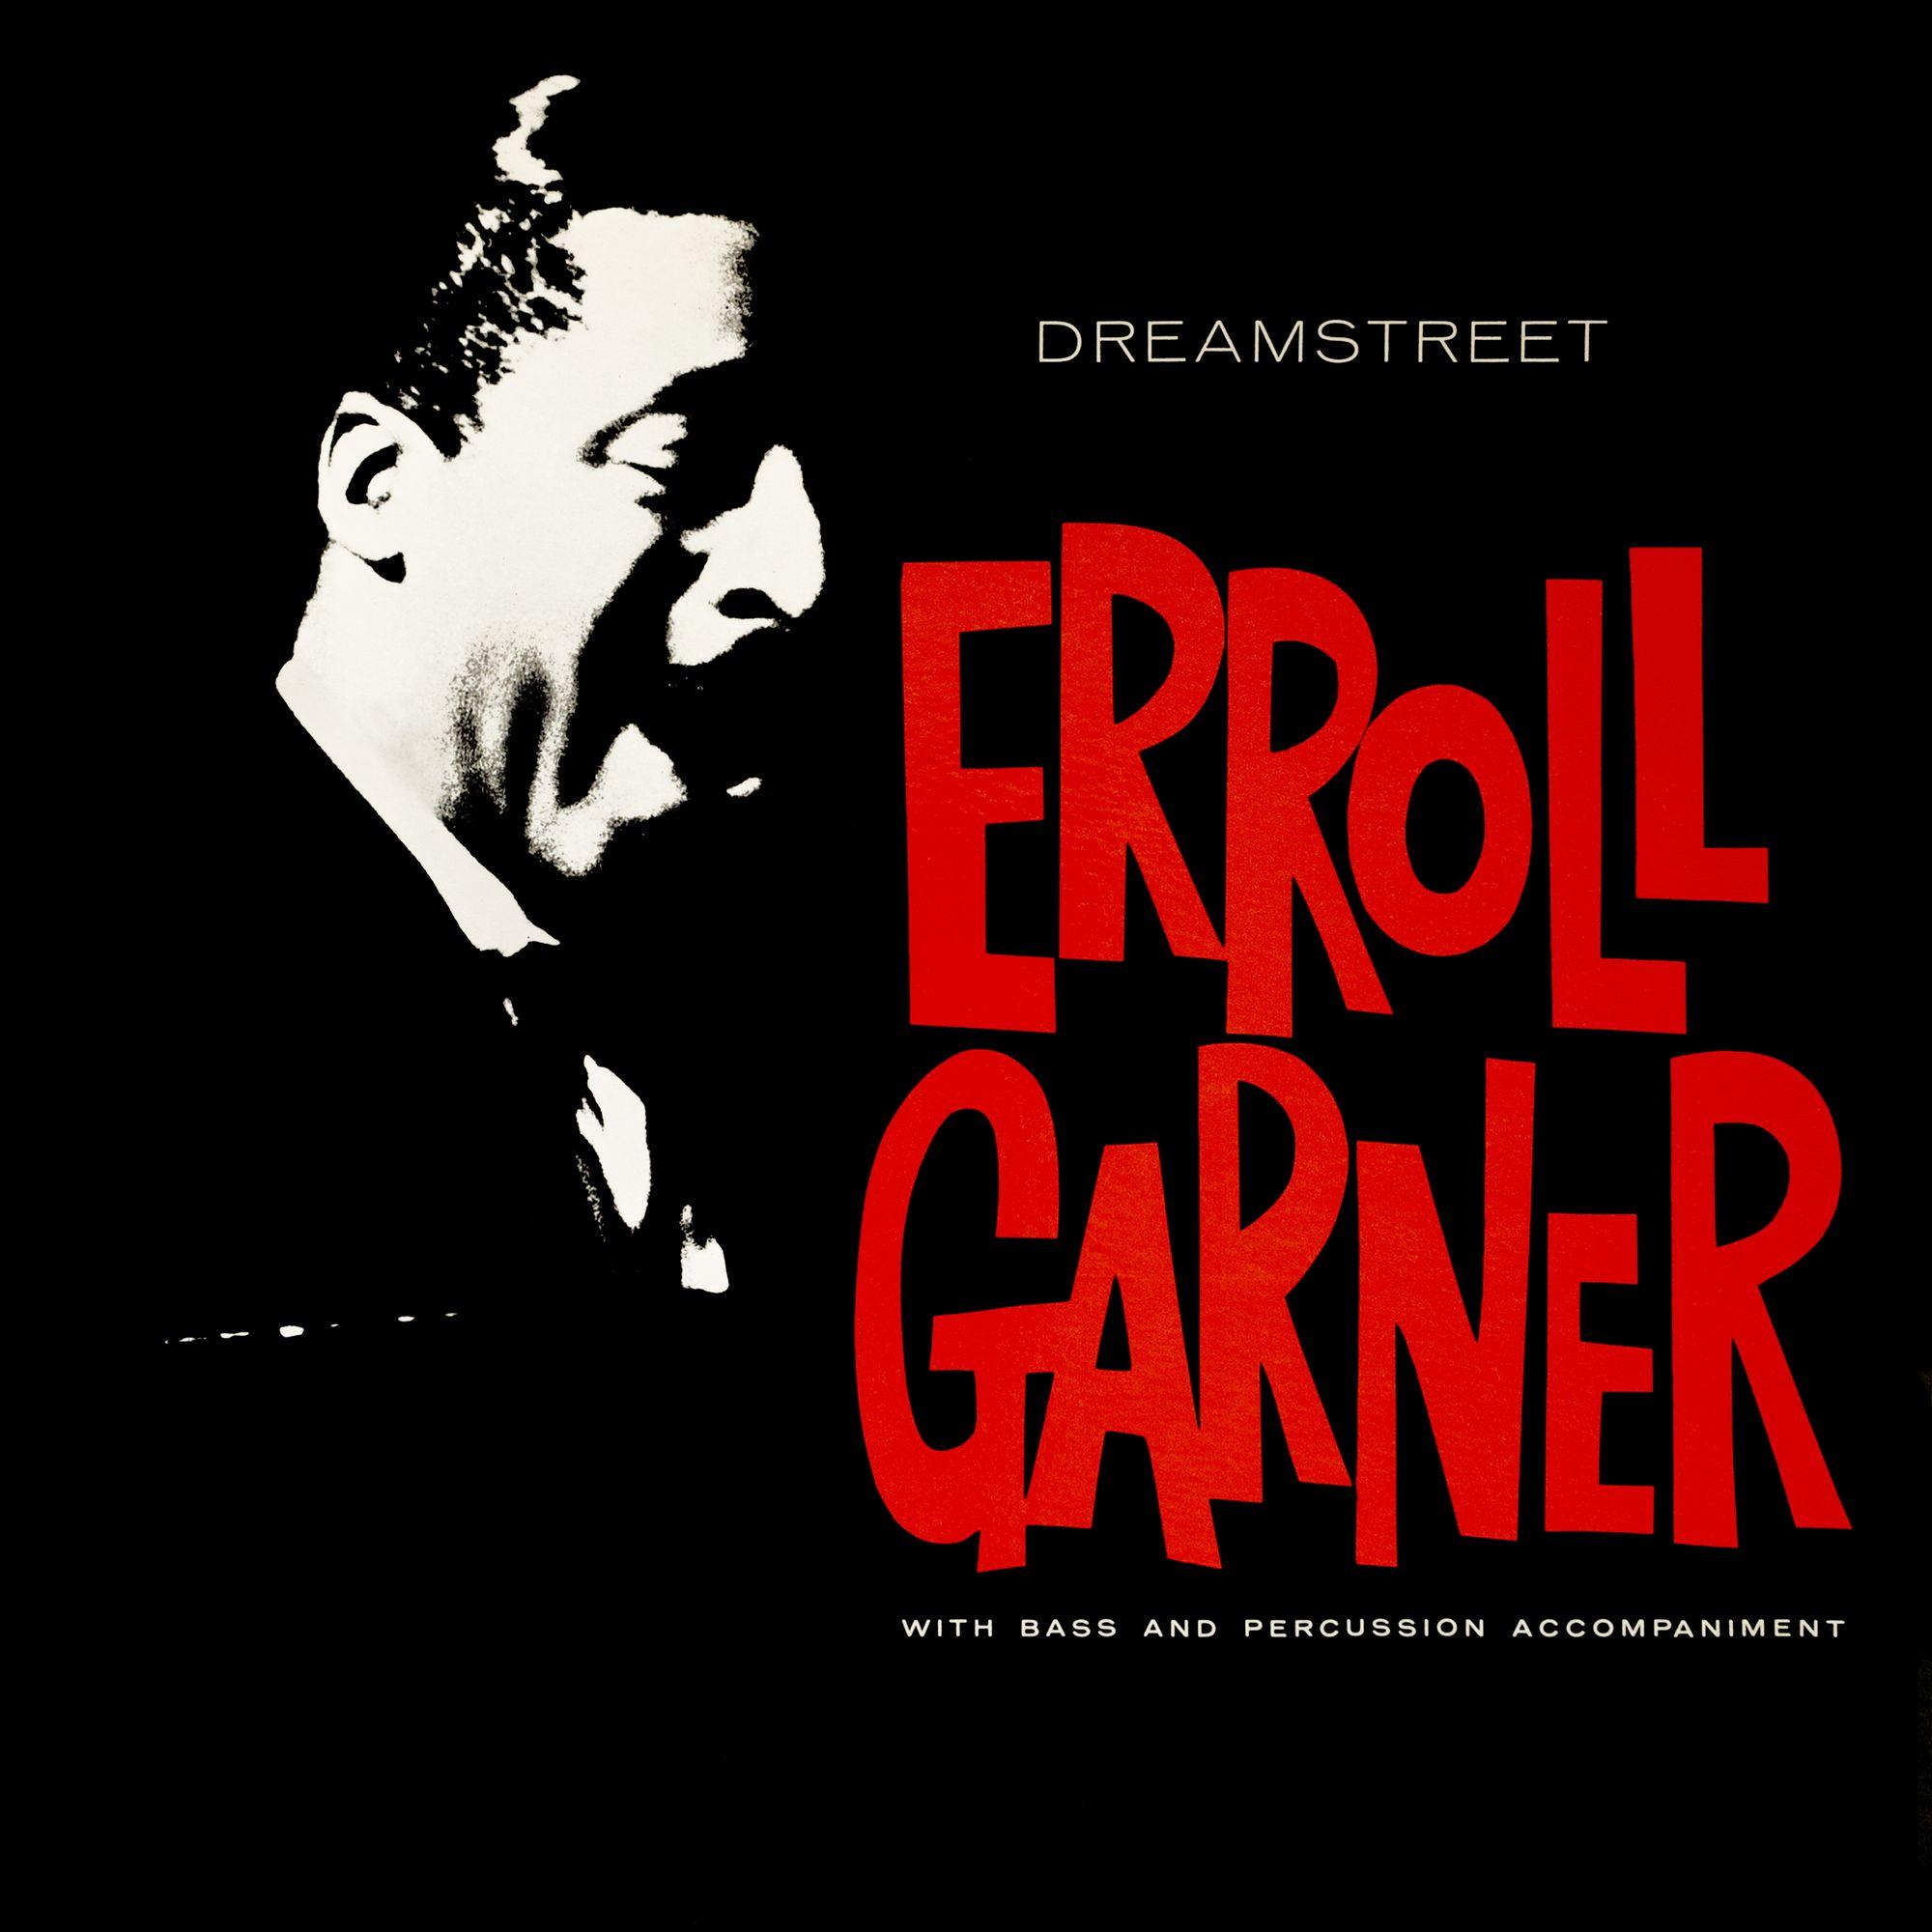 Erroll Garner - Dreamstreet (Remastered)